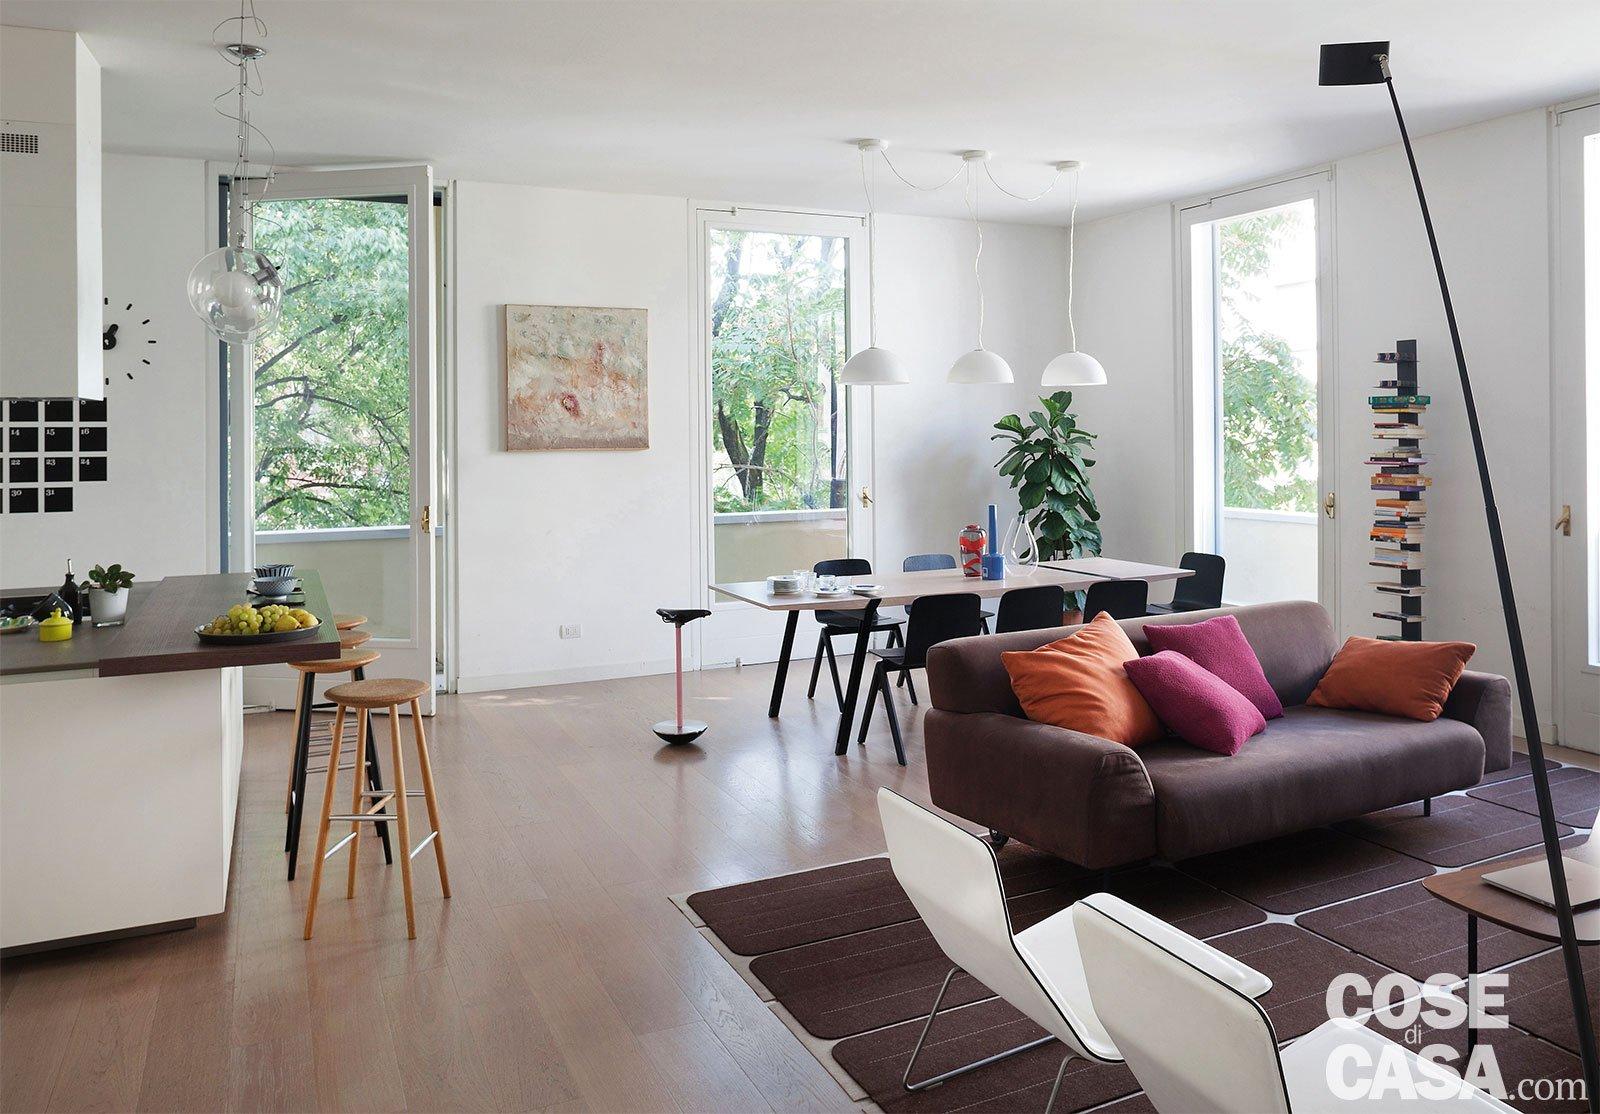 139 Soggiorno Pranzo Arredamento - una casa con il soggiorno ...